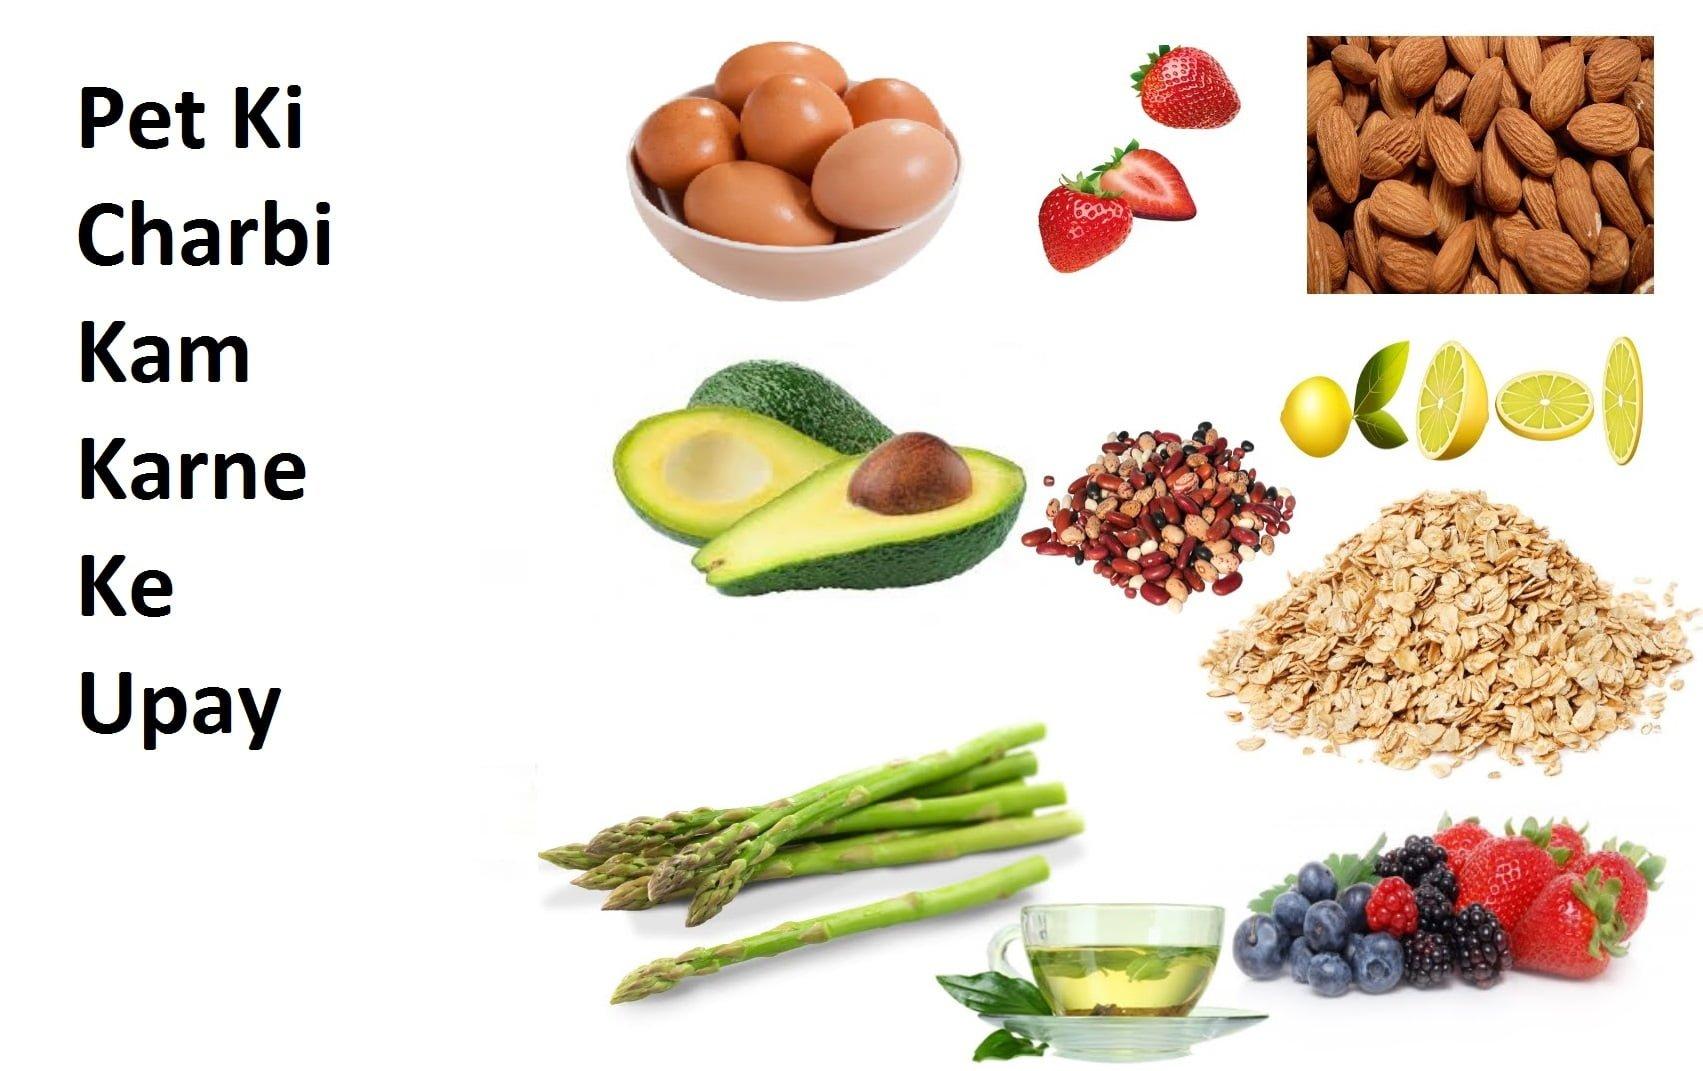 पेट की चर्बी कम करने के घरेलू नुस्खे - मोटापा घटाएं